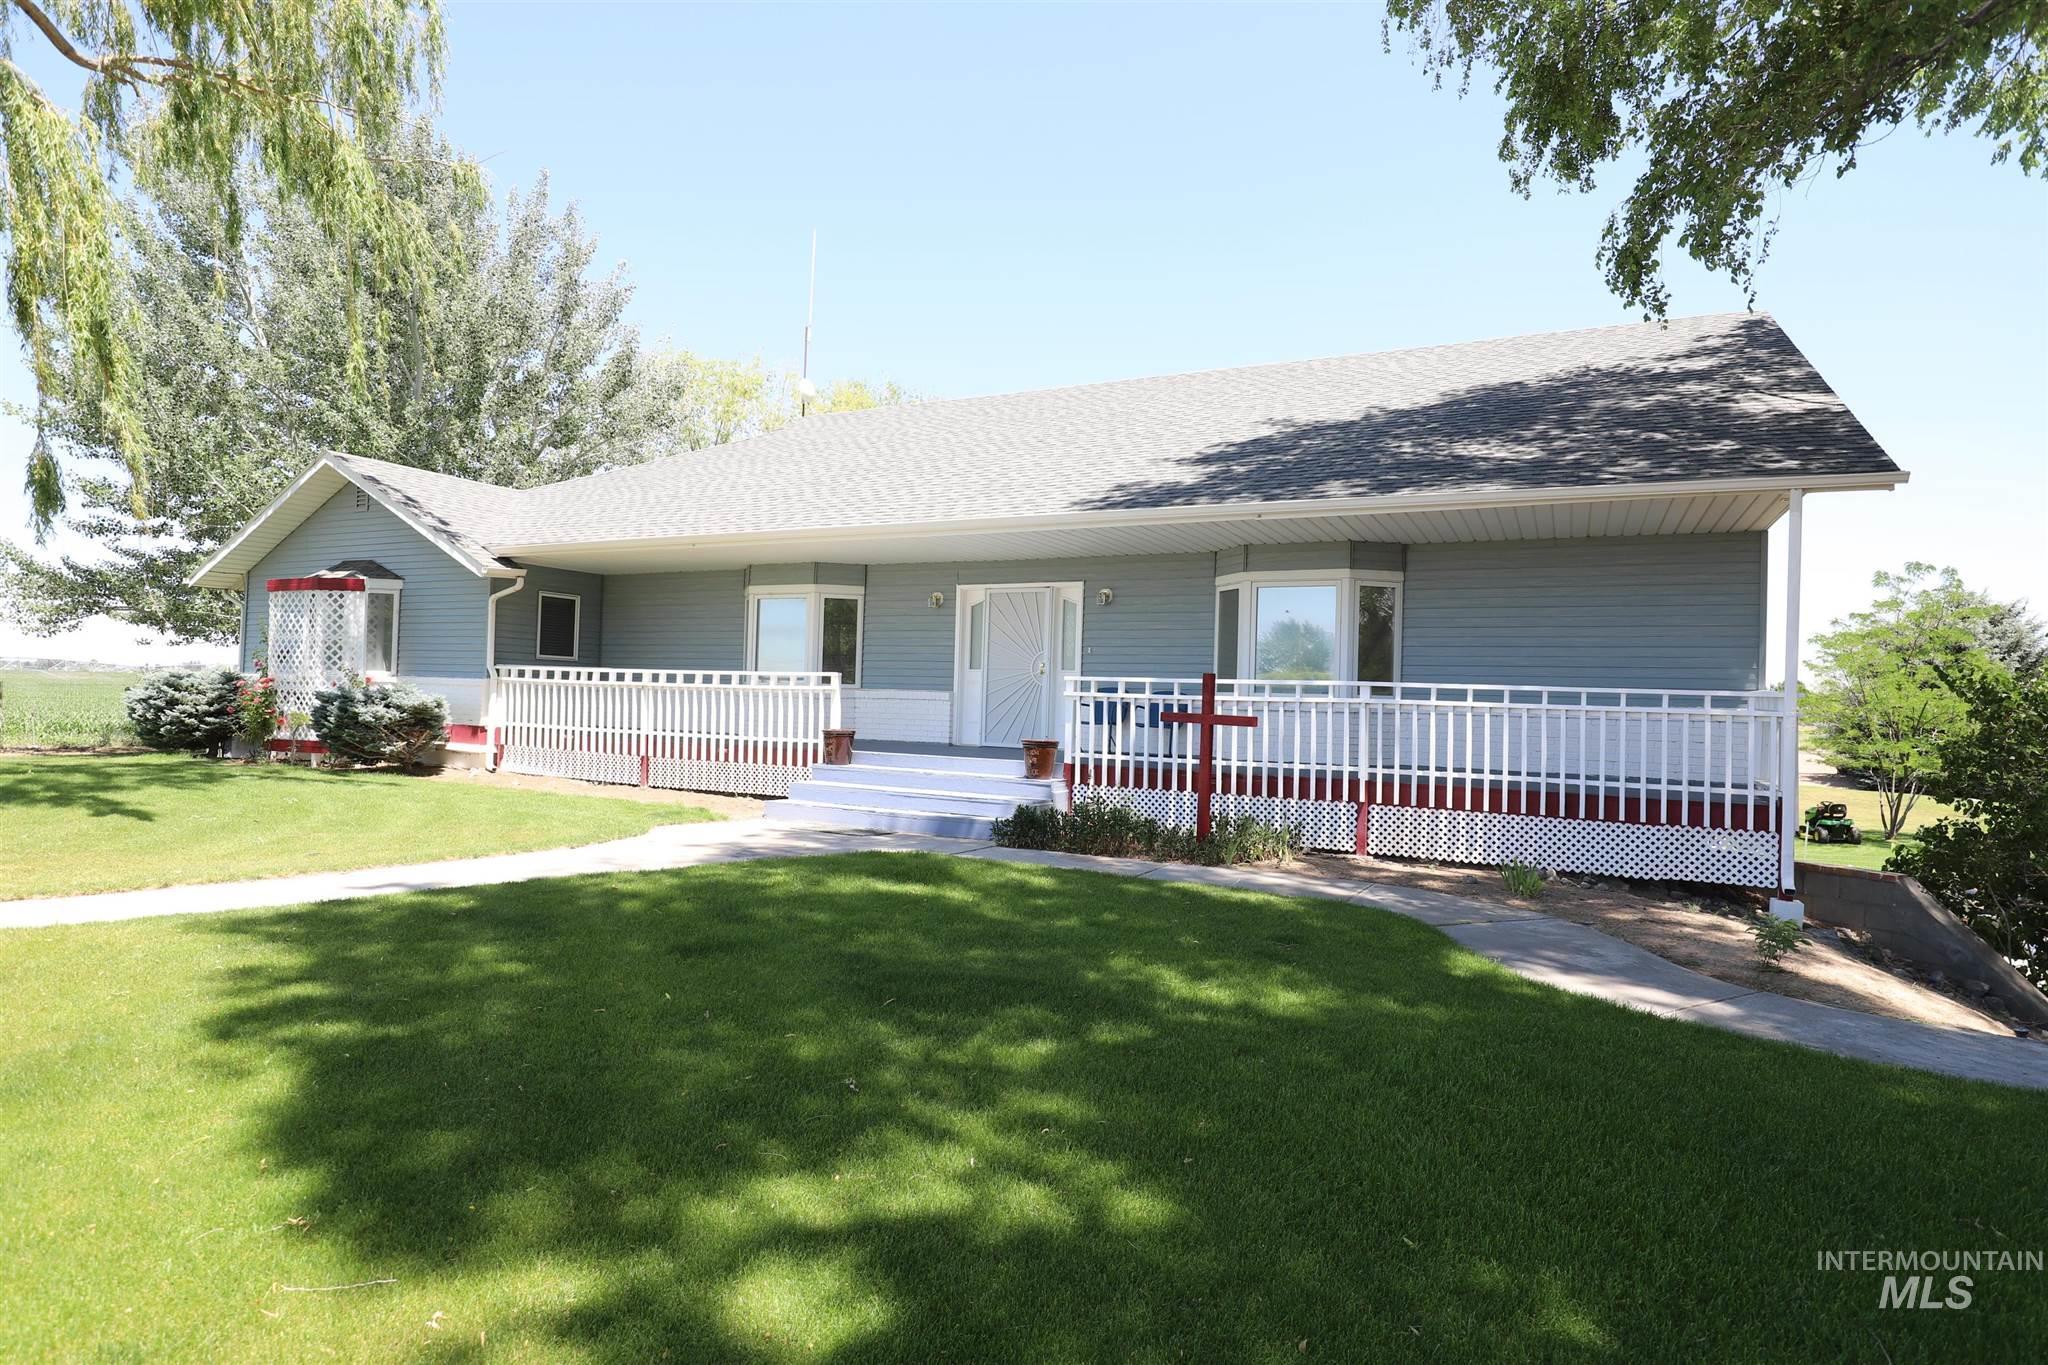 126 S 200 W Property Photo